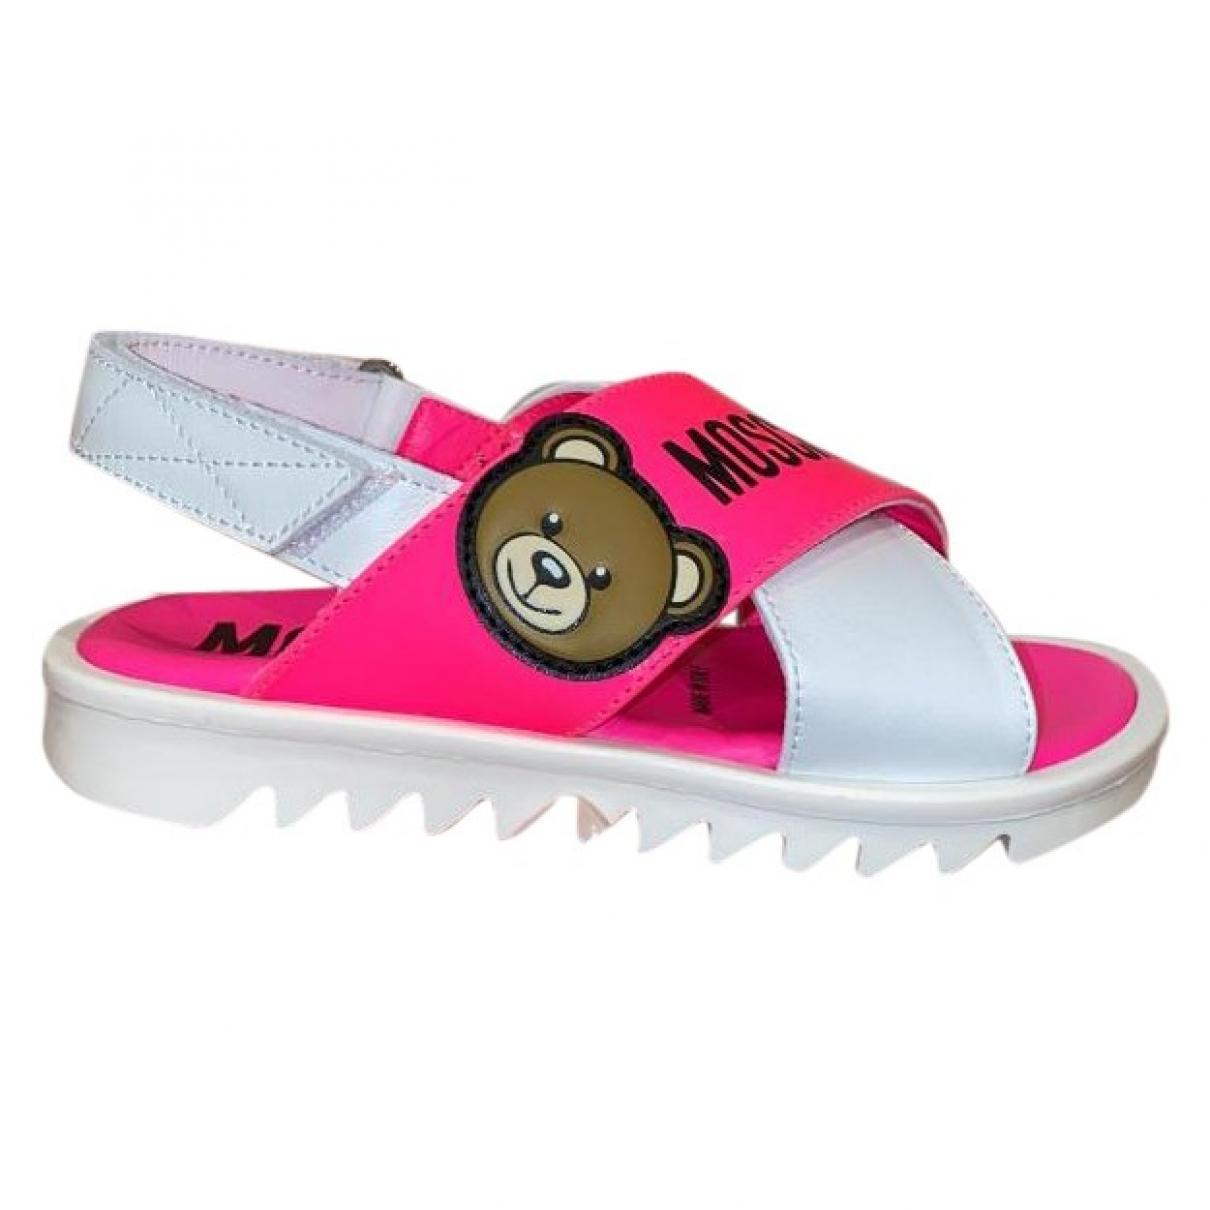 Moschino - Sandales   pour enfant en cuir - rose